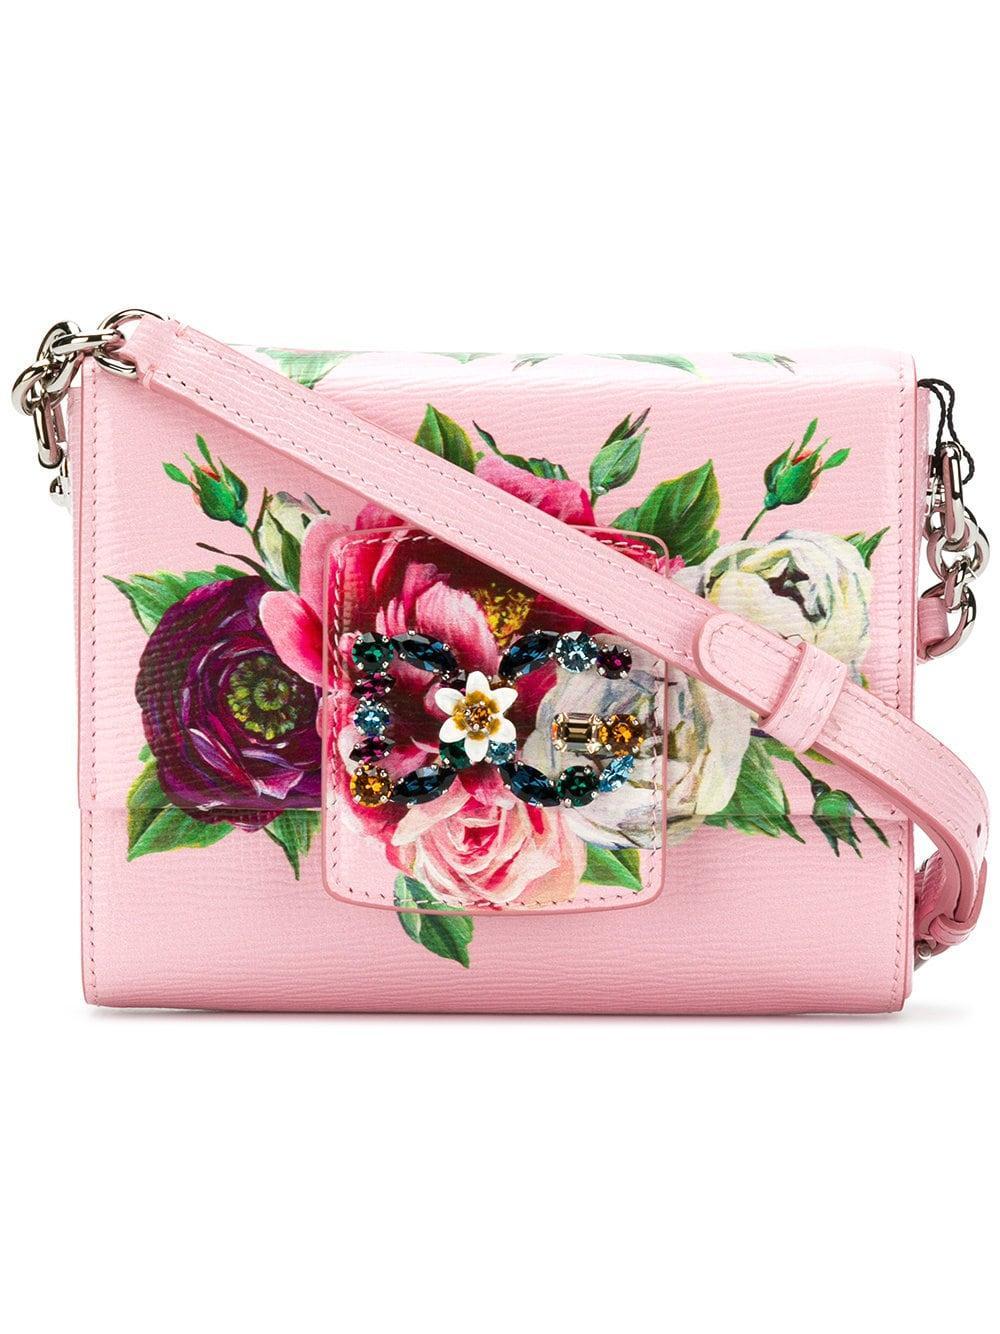 128ffe31e144 Dolce   Gabbana Dg Millennials Embellished Printed-Leather Shoulder ...